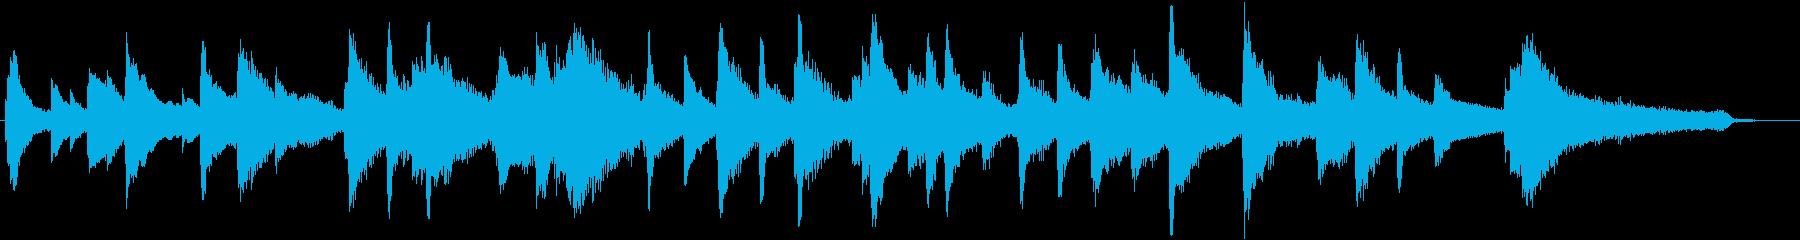 約45秒ピアノソロ。夜の静けさのような曲の再生済みの波形